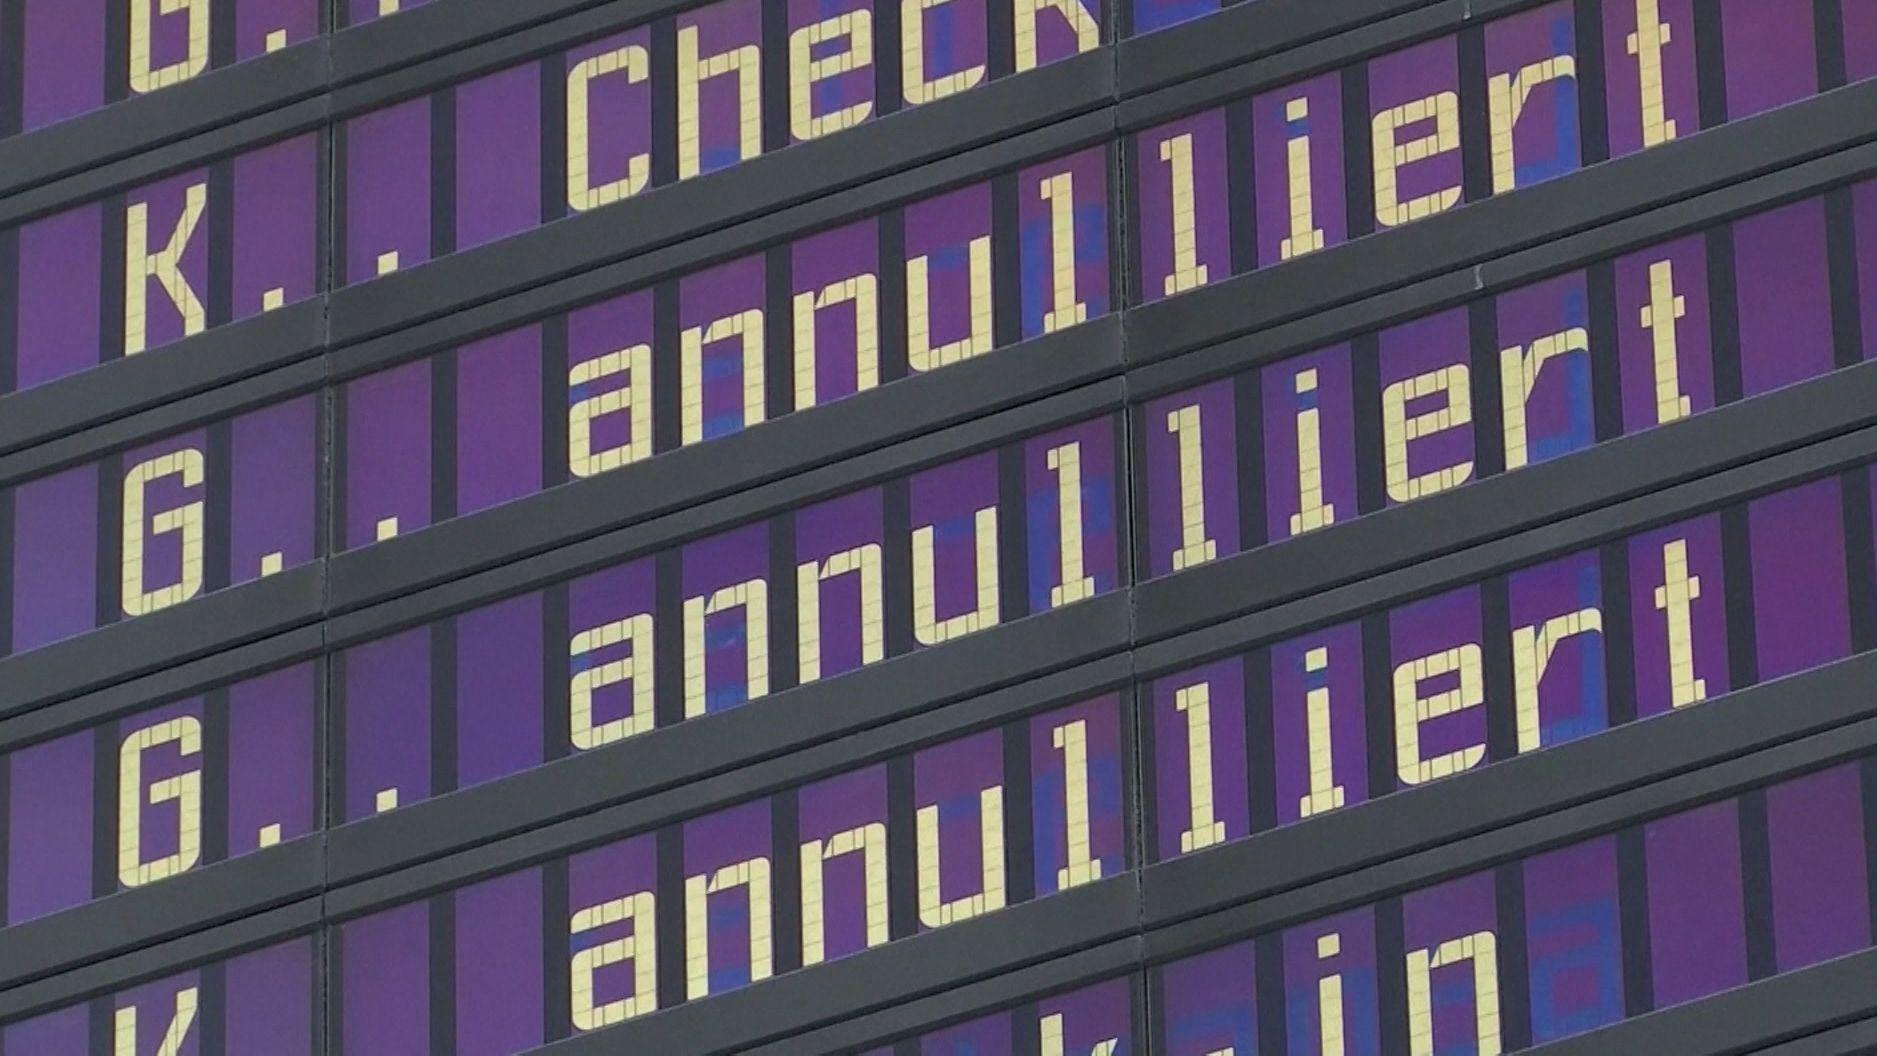 Die Corona-Krise wird die Luftfahrt nachhaltig und strukturell verändern.